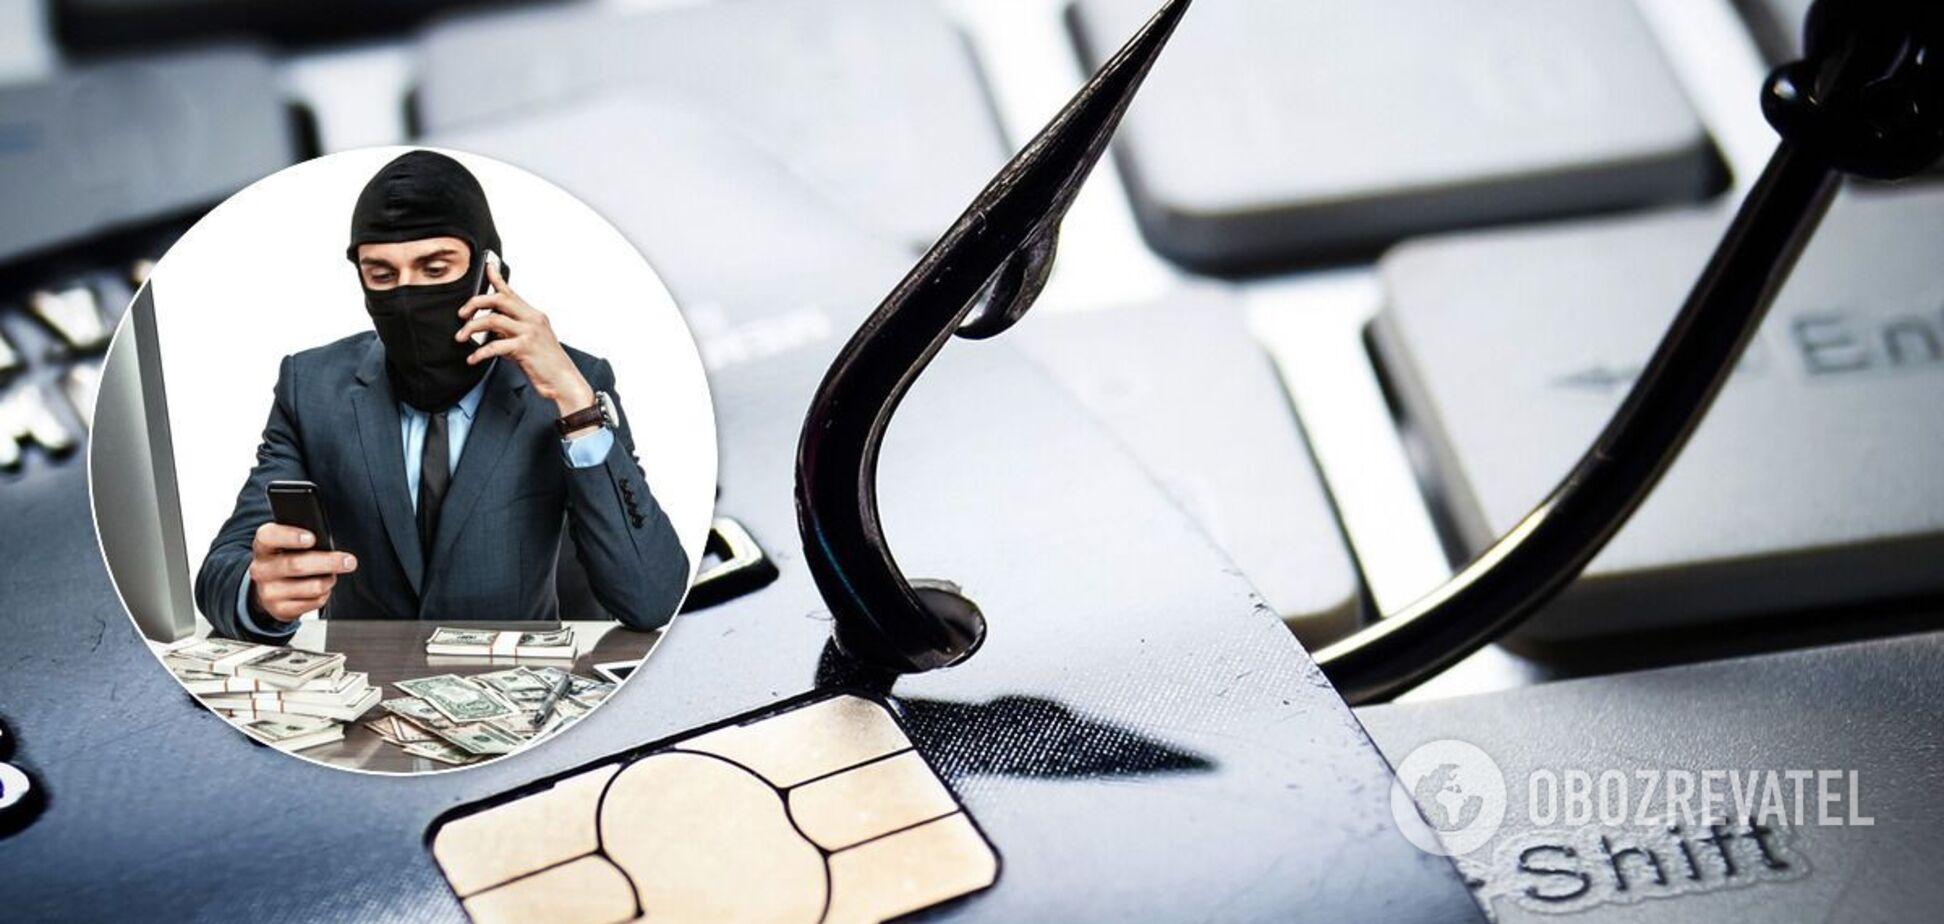 Мошенники забирают аккаунты украинцев